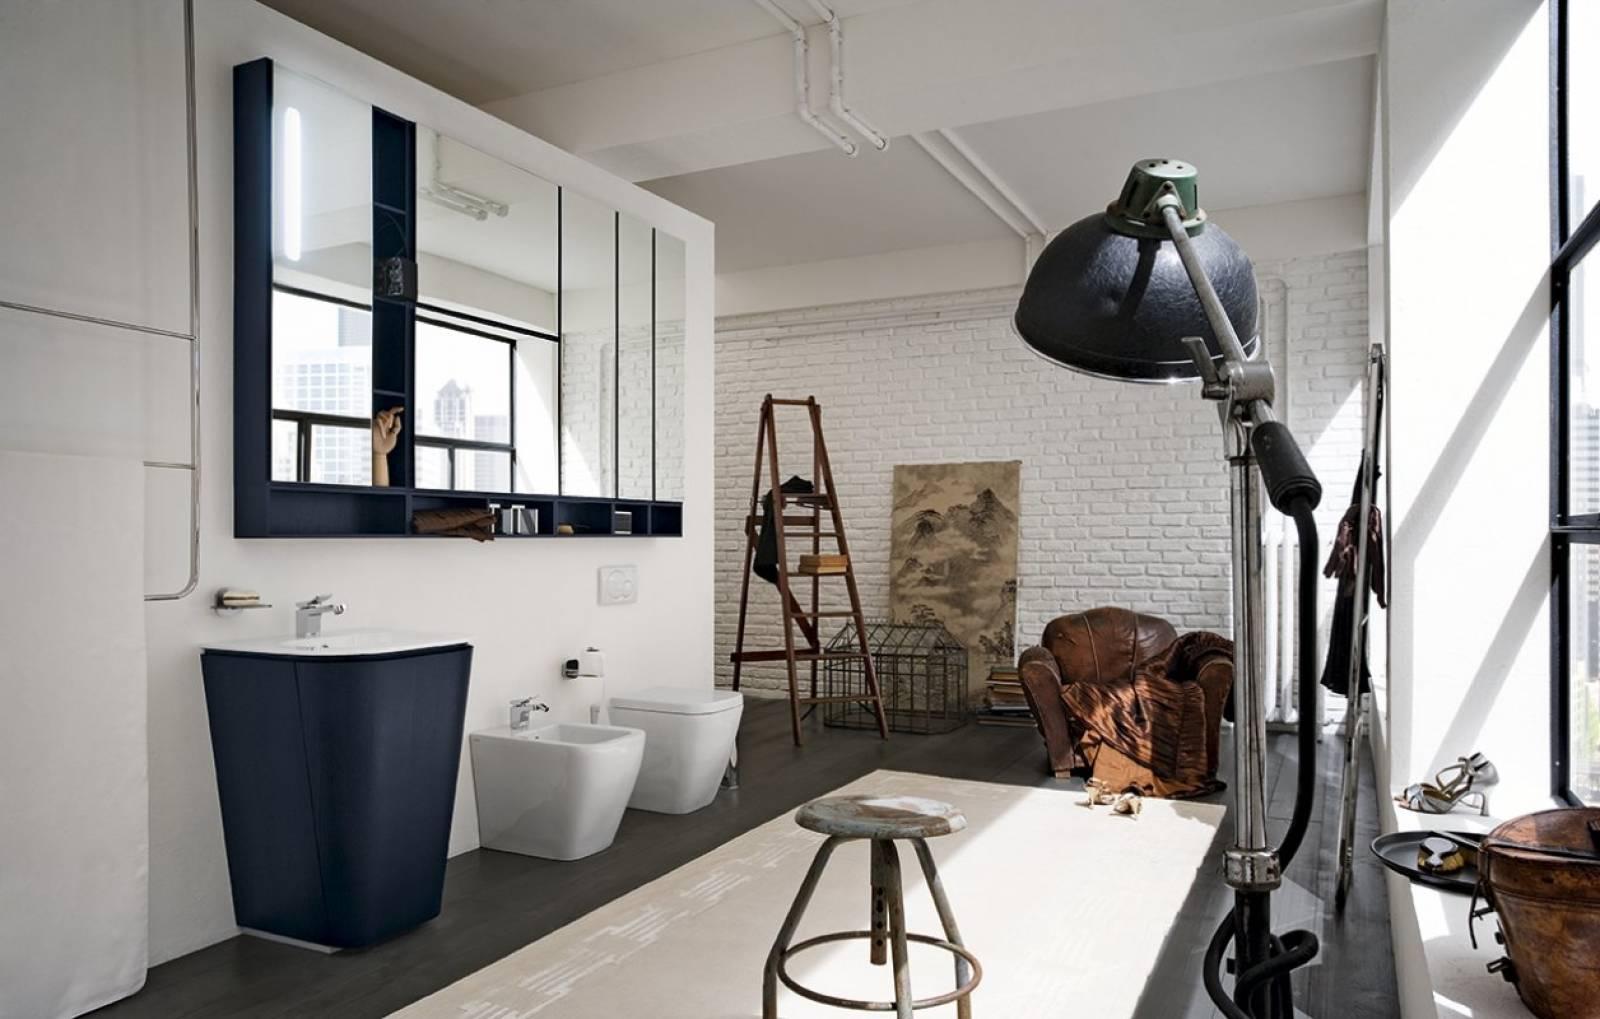 salle de bain industrielle carr d 39 eau. Black Bedroom Furniture Sets. Home Design Ideas